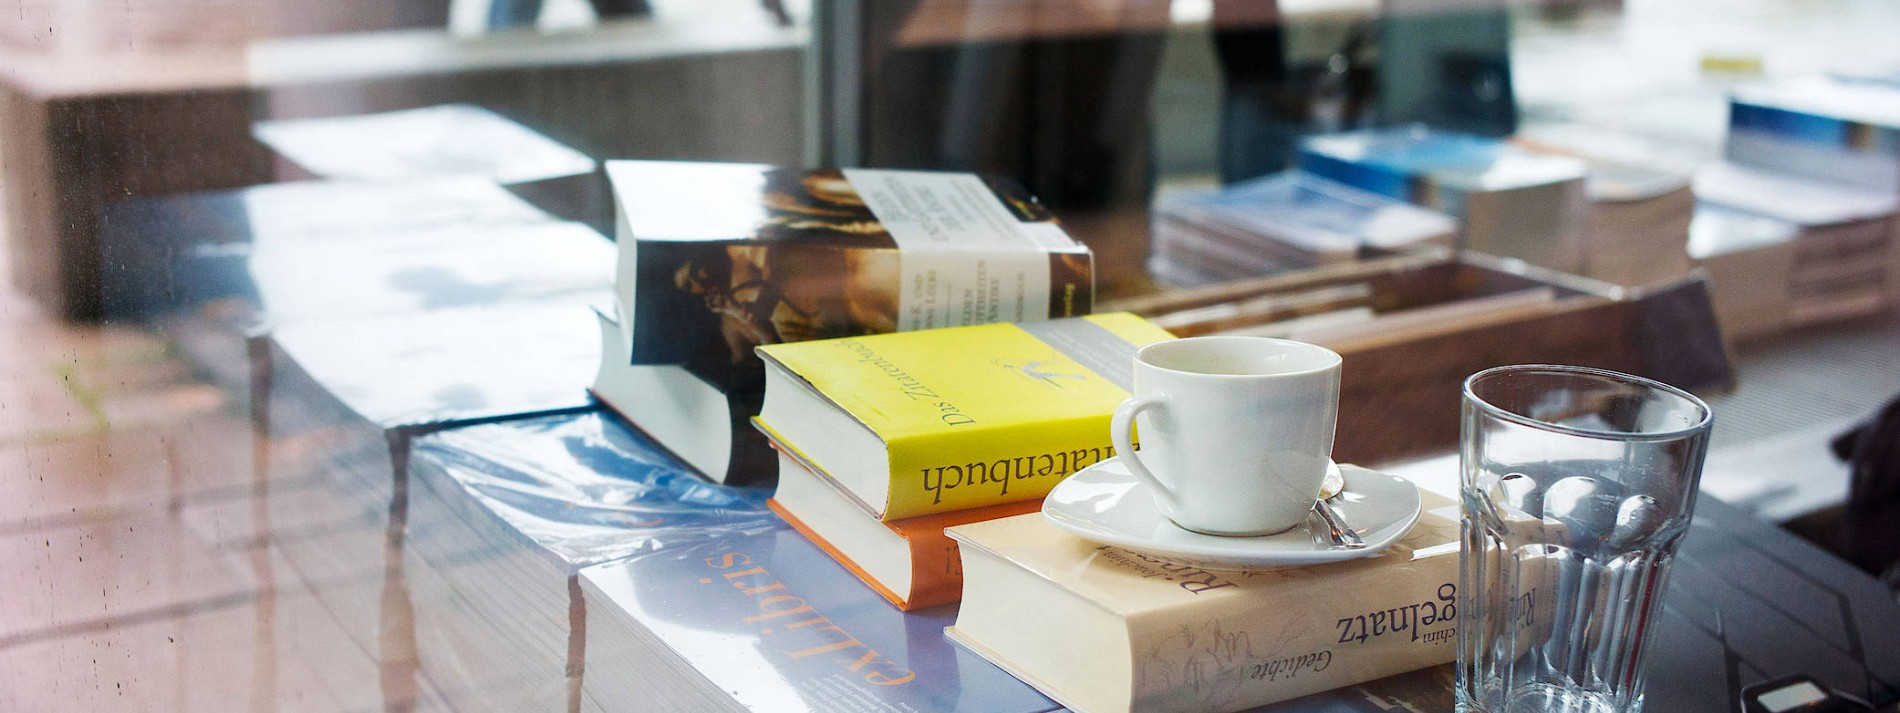 Lesen, Staunen, drängeln